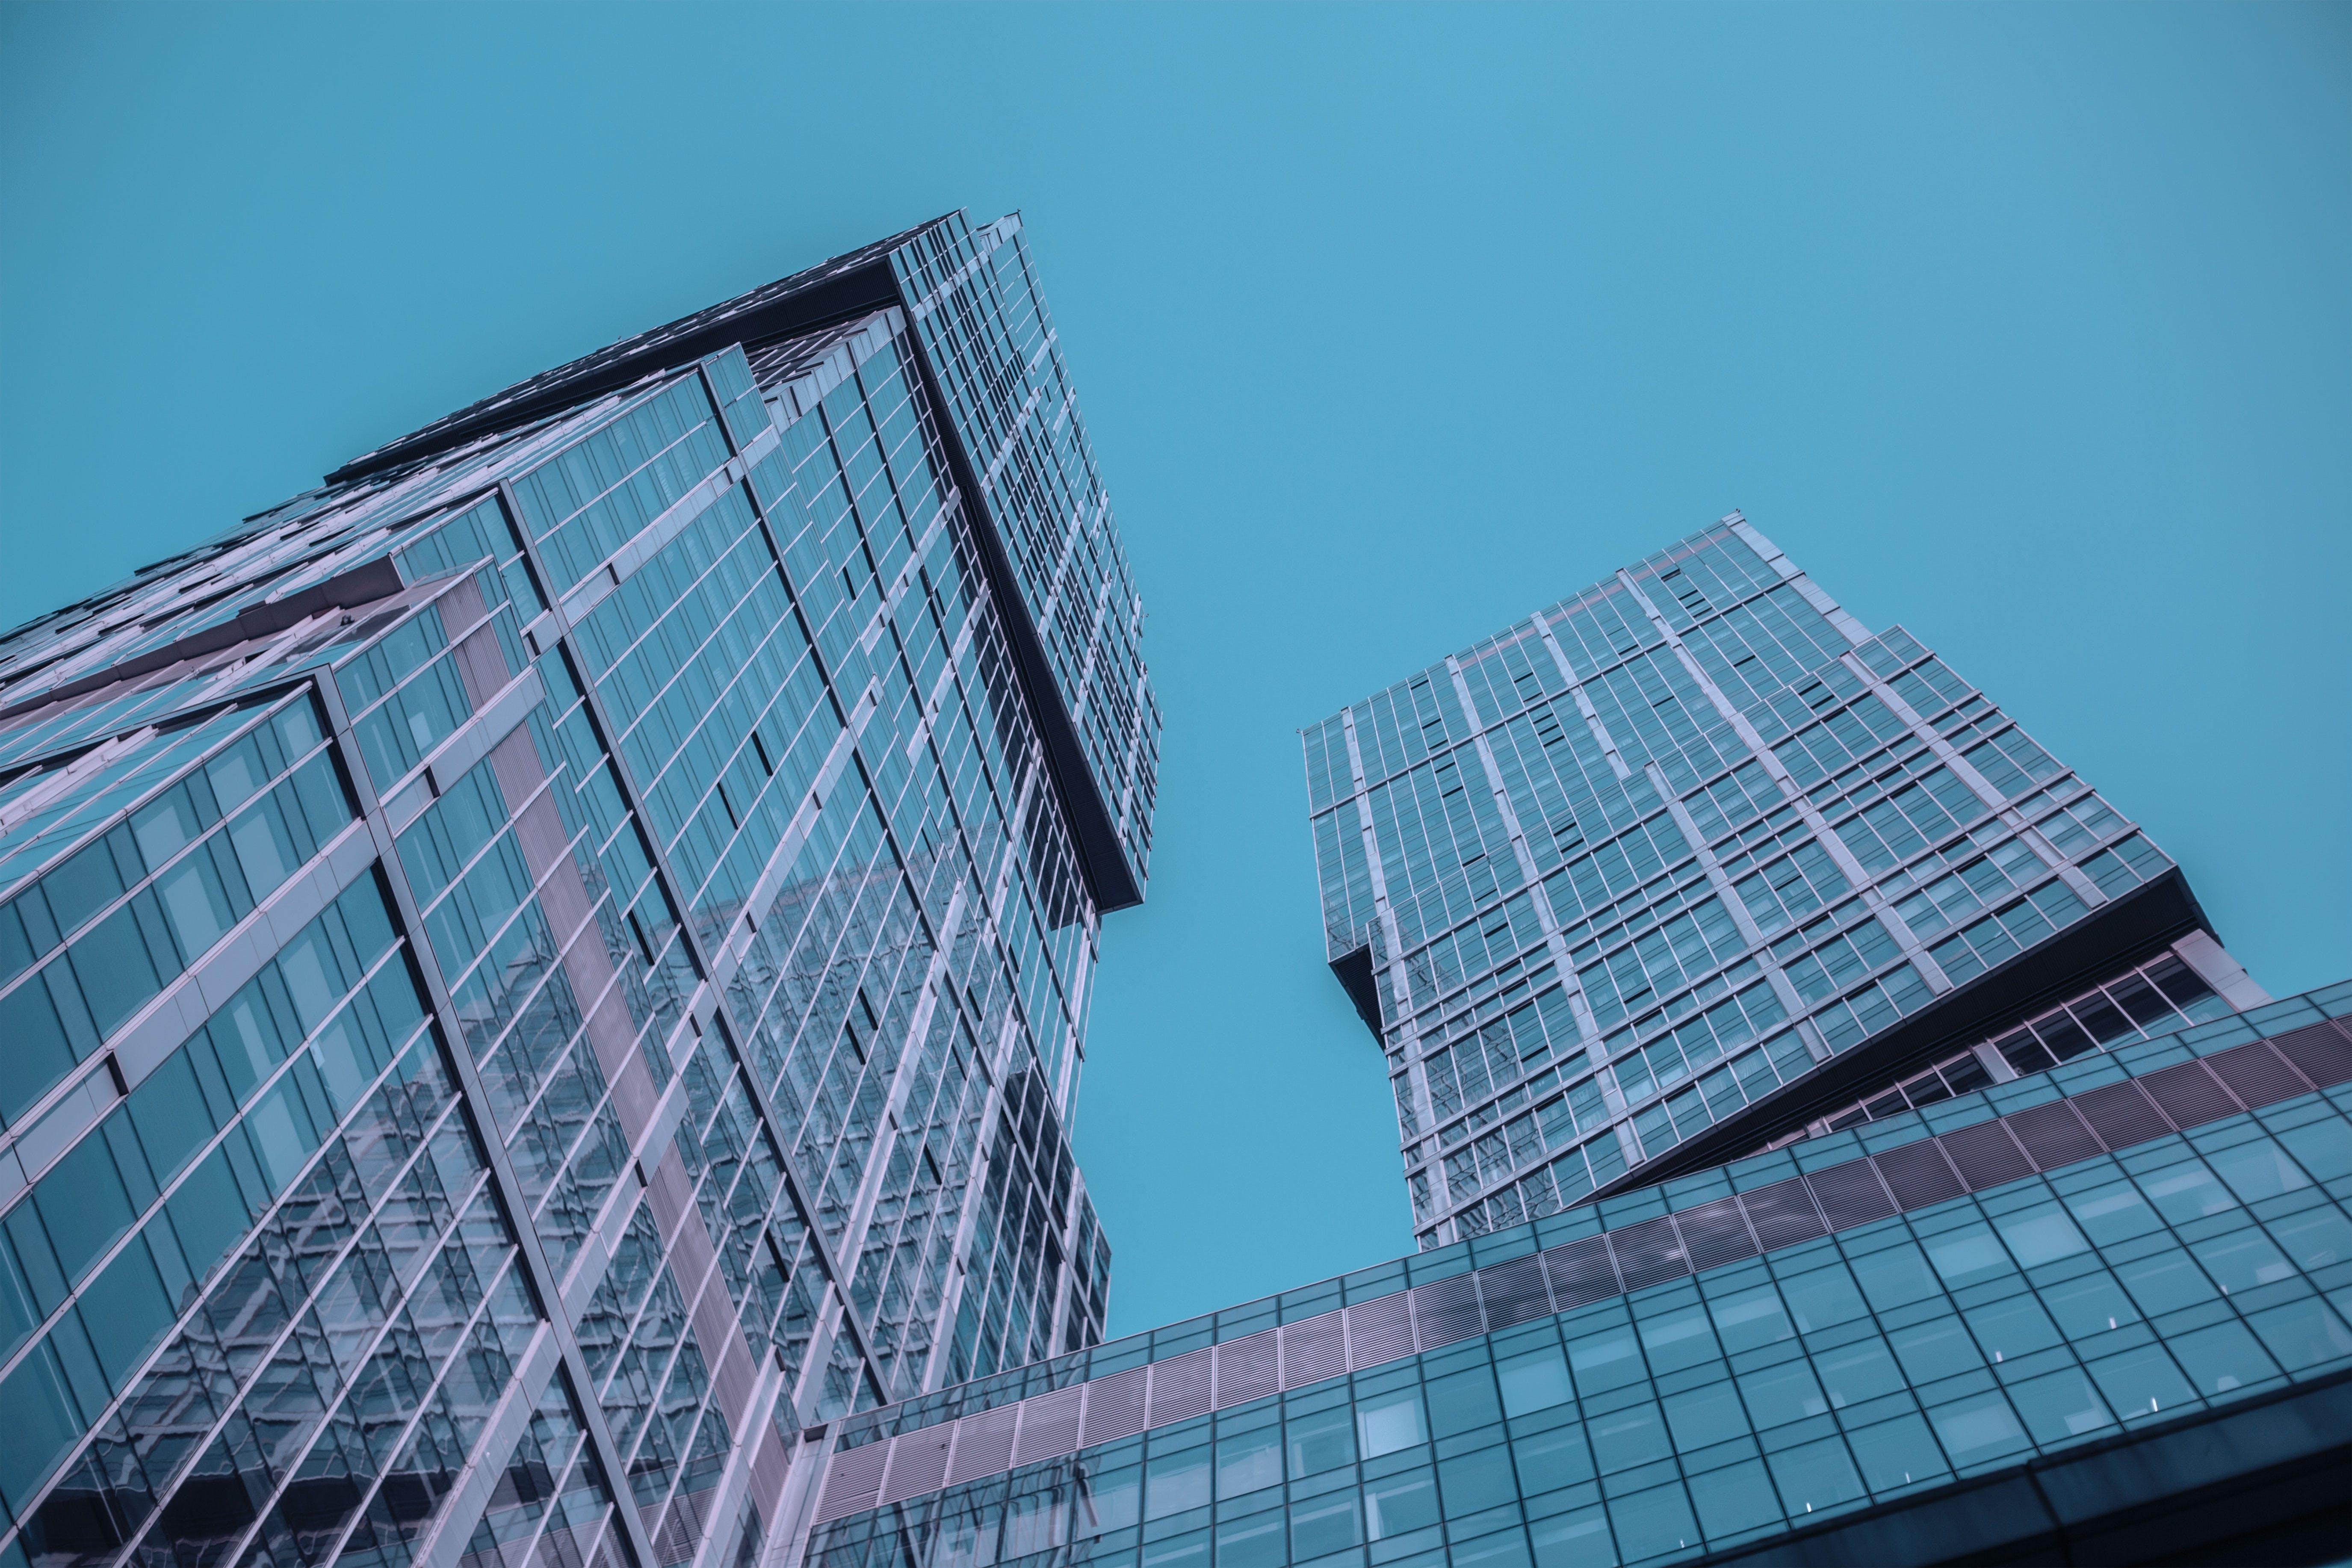 Kostenloses Stock Foto zu architektur, blauer himmel, fenster, futuristisch